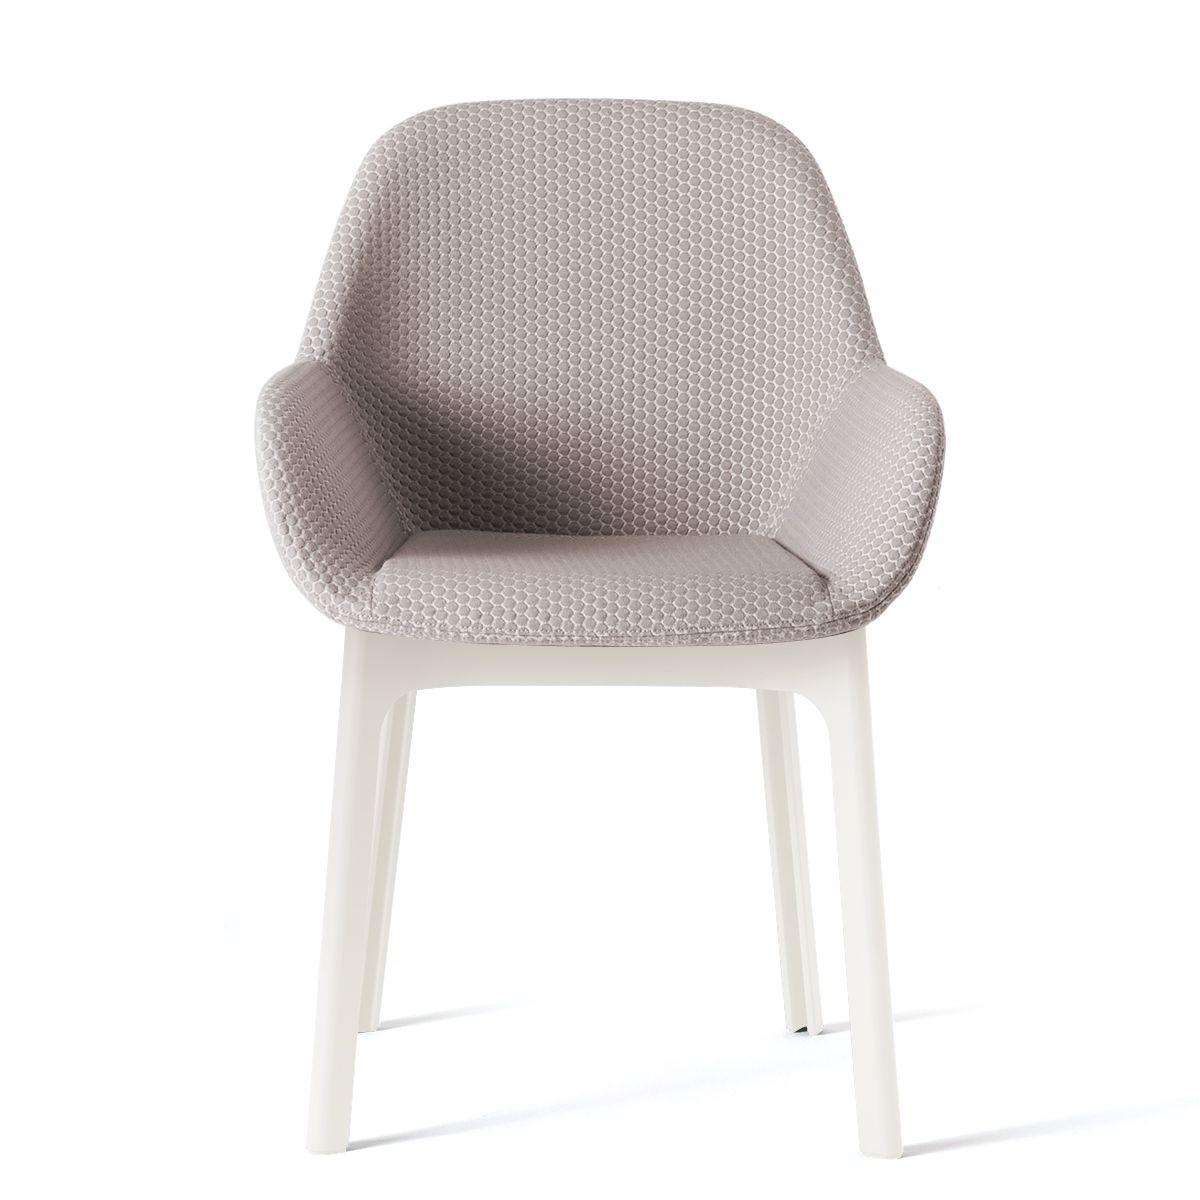 Stühle weiß grau  stuhl weiß kunststoff 18 | Deutsche Dekor 2017 - Online Kaufen ...